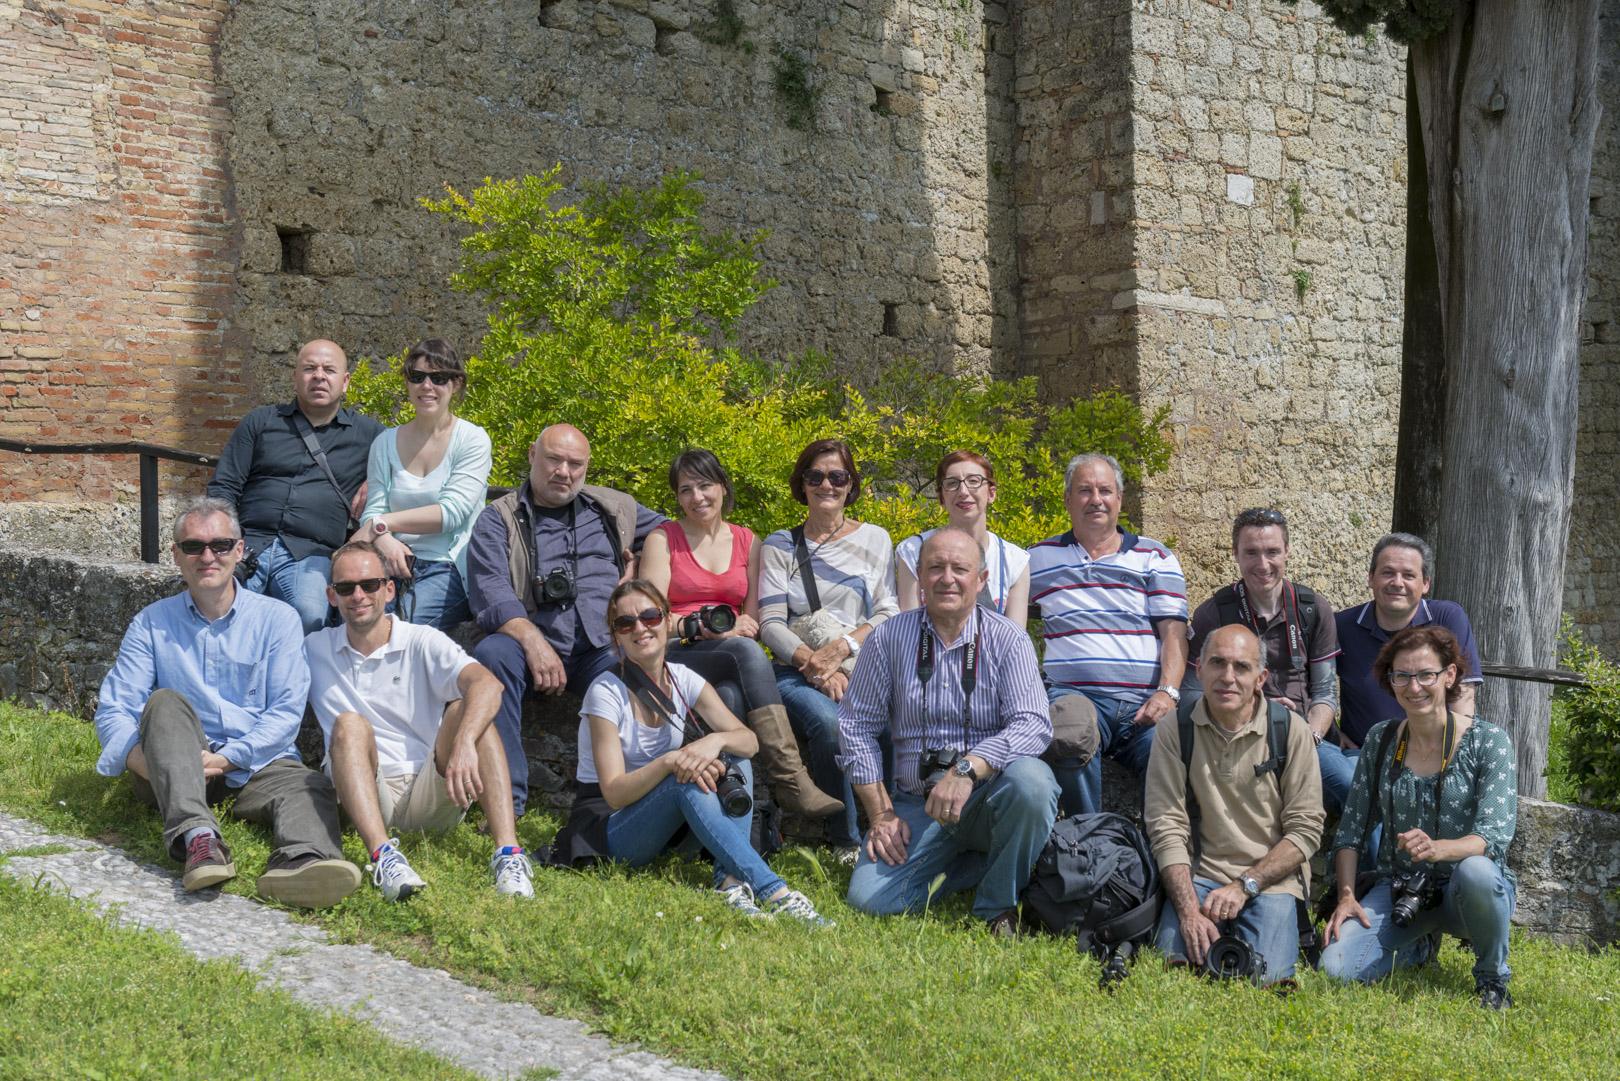 10 maggio 2014 foto di gruppo dei partecipanti all'uscita pratica del corso base di fotografia digitale 2014 nei pressi del castello di Susegana